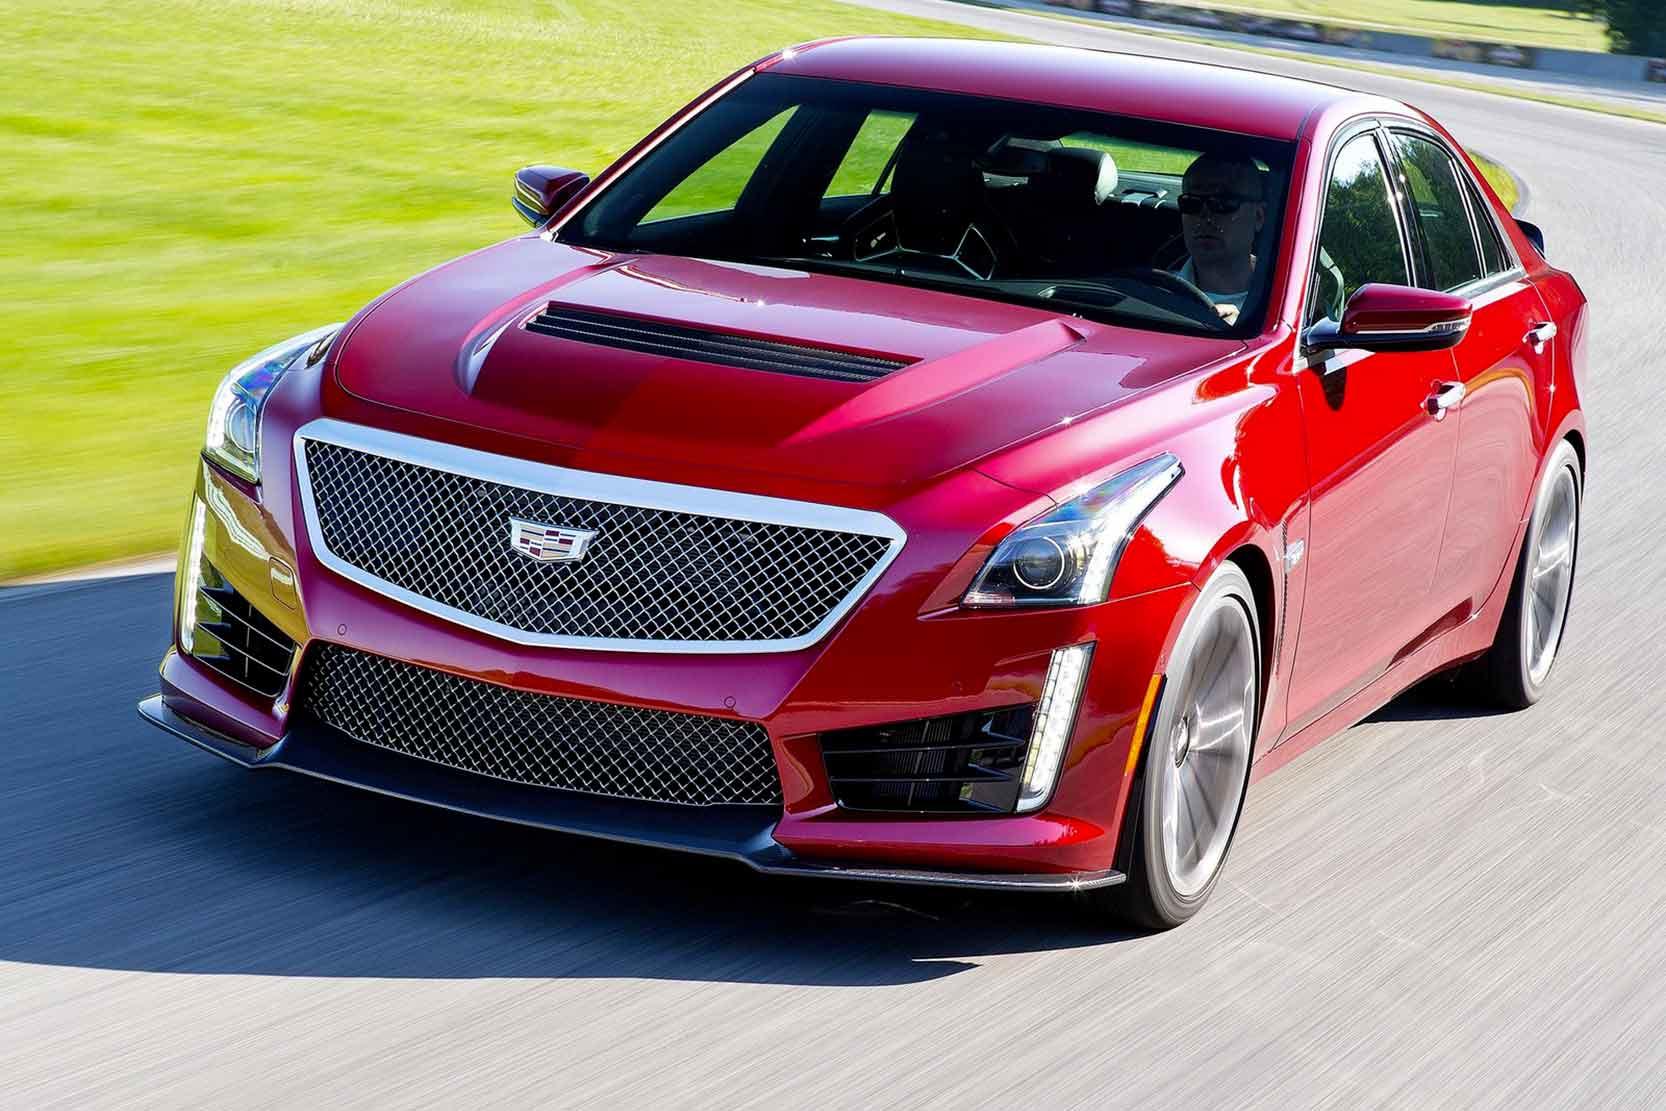 Fiche technique Cadillac CTS V 2017